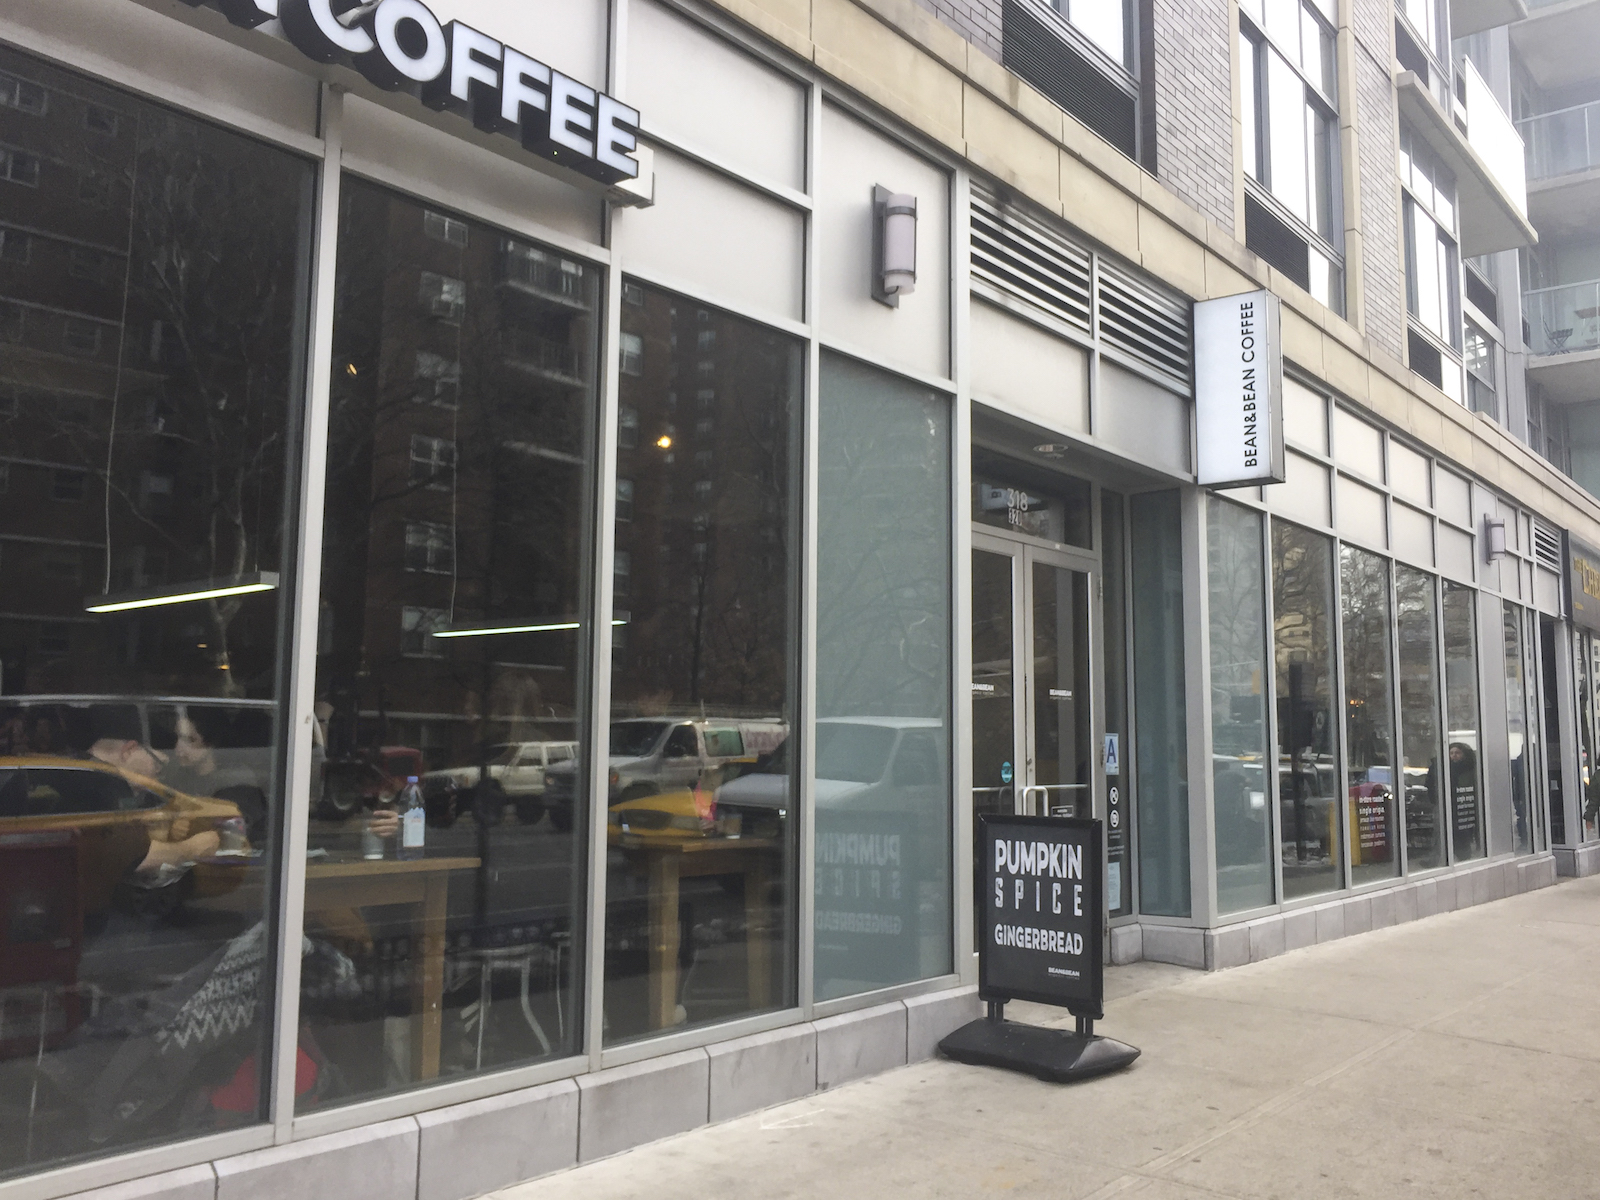 FTM_BEAN&NEAN COFFE_NYC_4